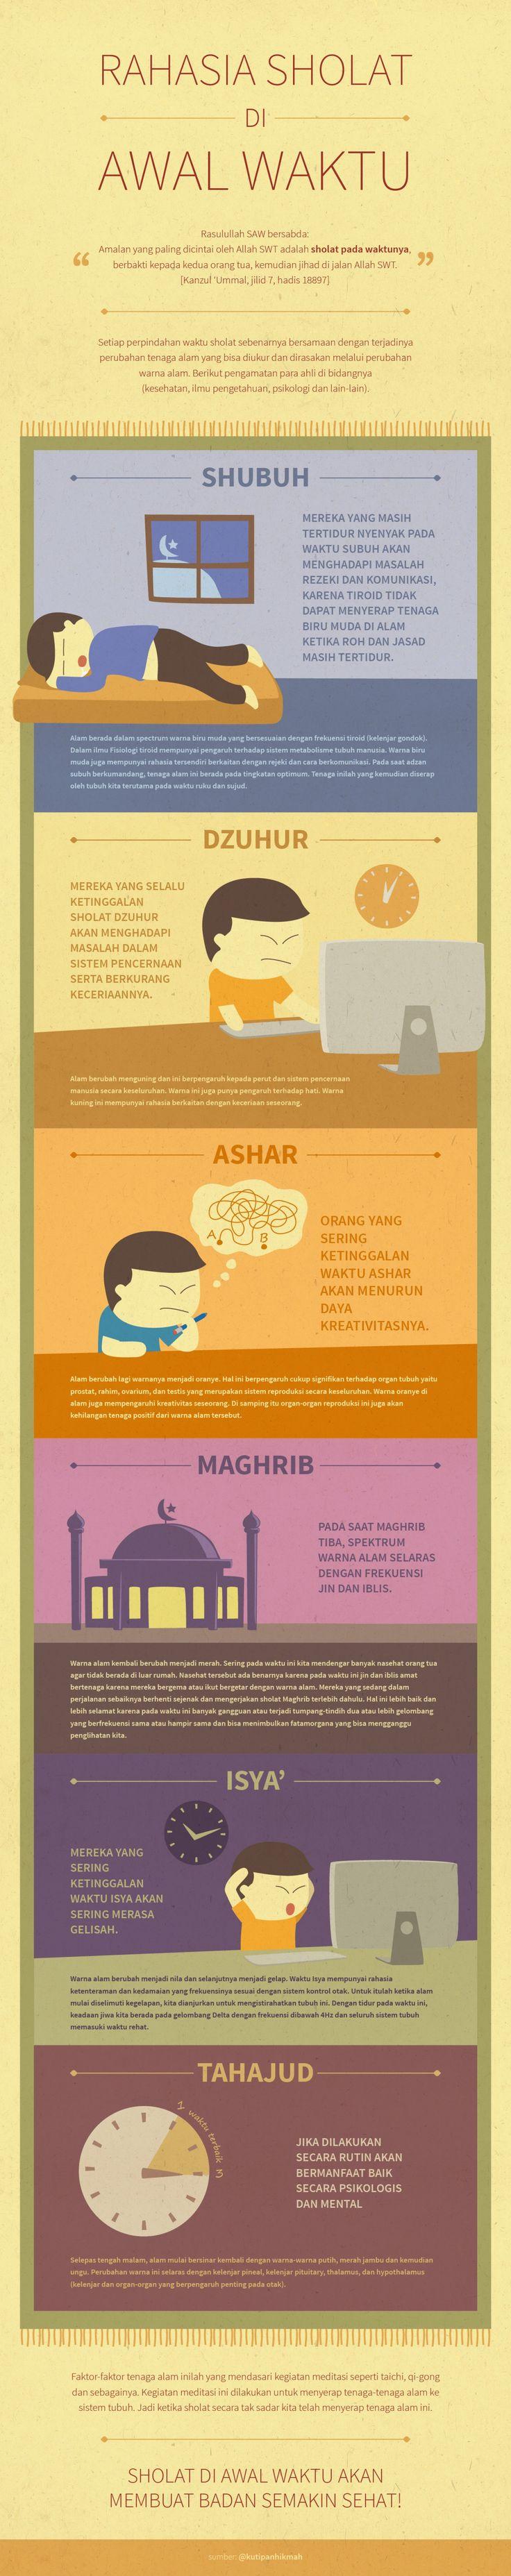 Rahasia Sholat di Awal Waktu Infographic